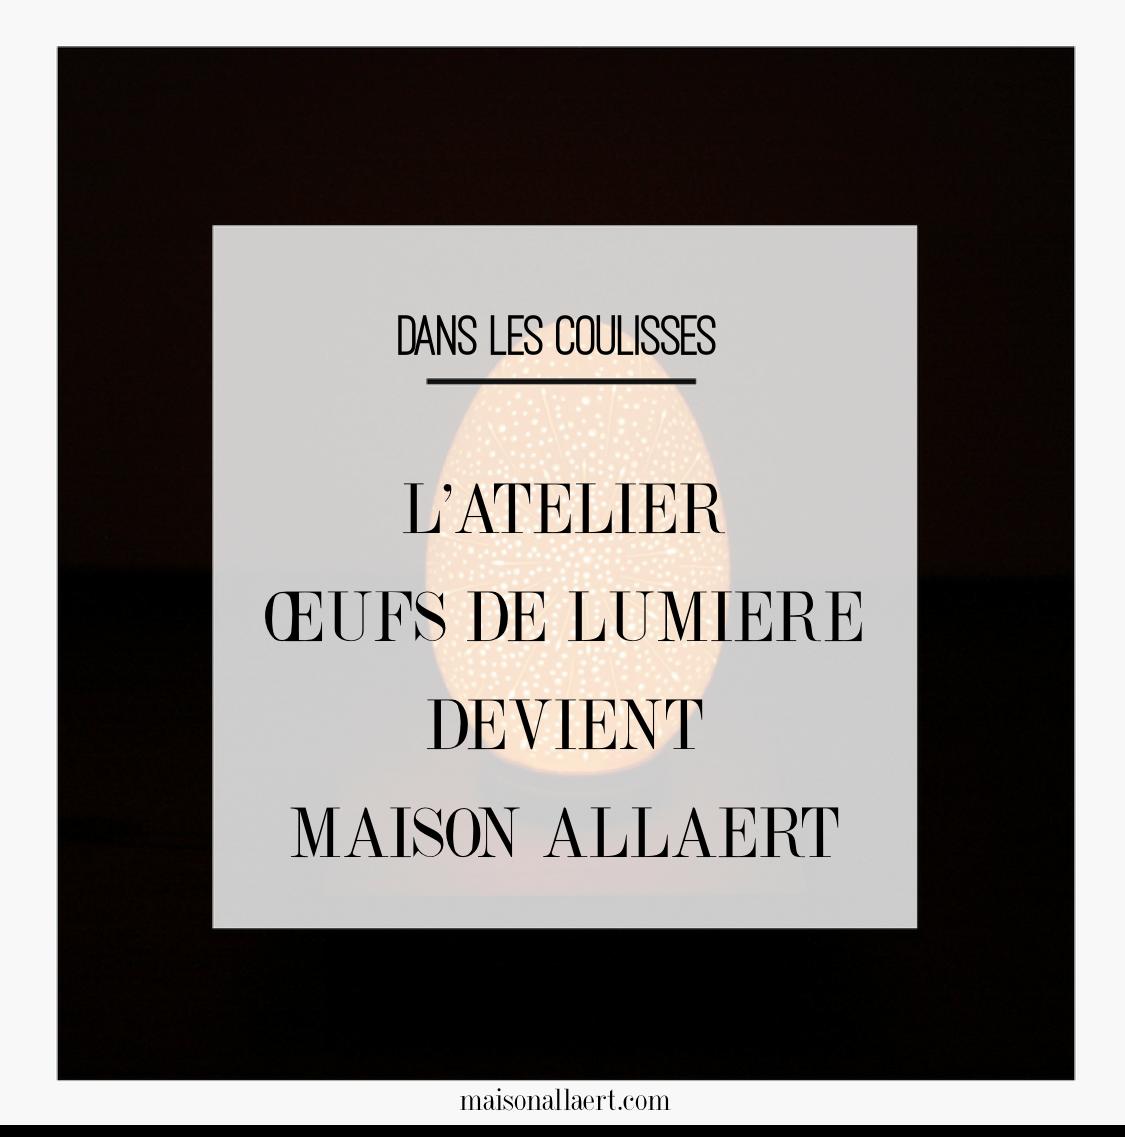 L'atelier des Oeufs de Lumière change de nom et devient Maison Allaert (mais on continue à graver des oeufs d'autruche et d'émeu).